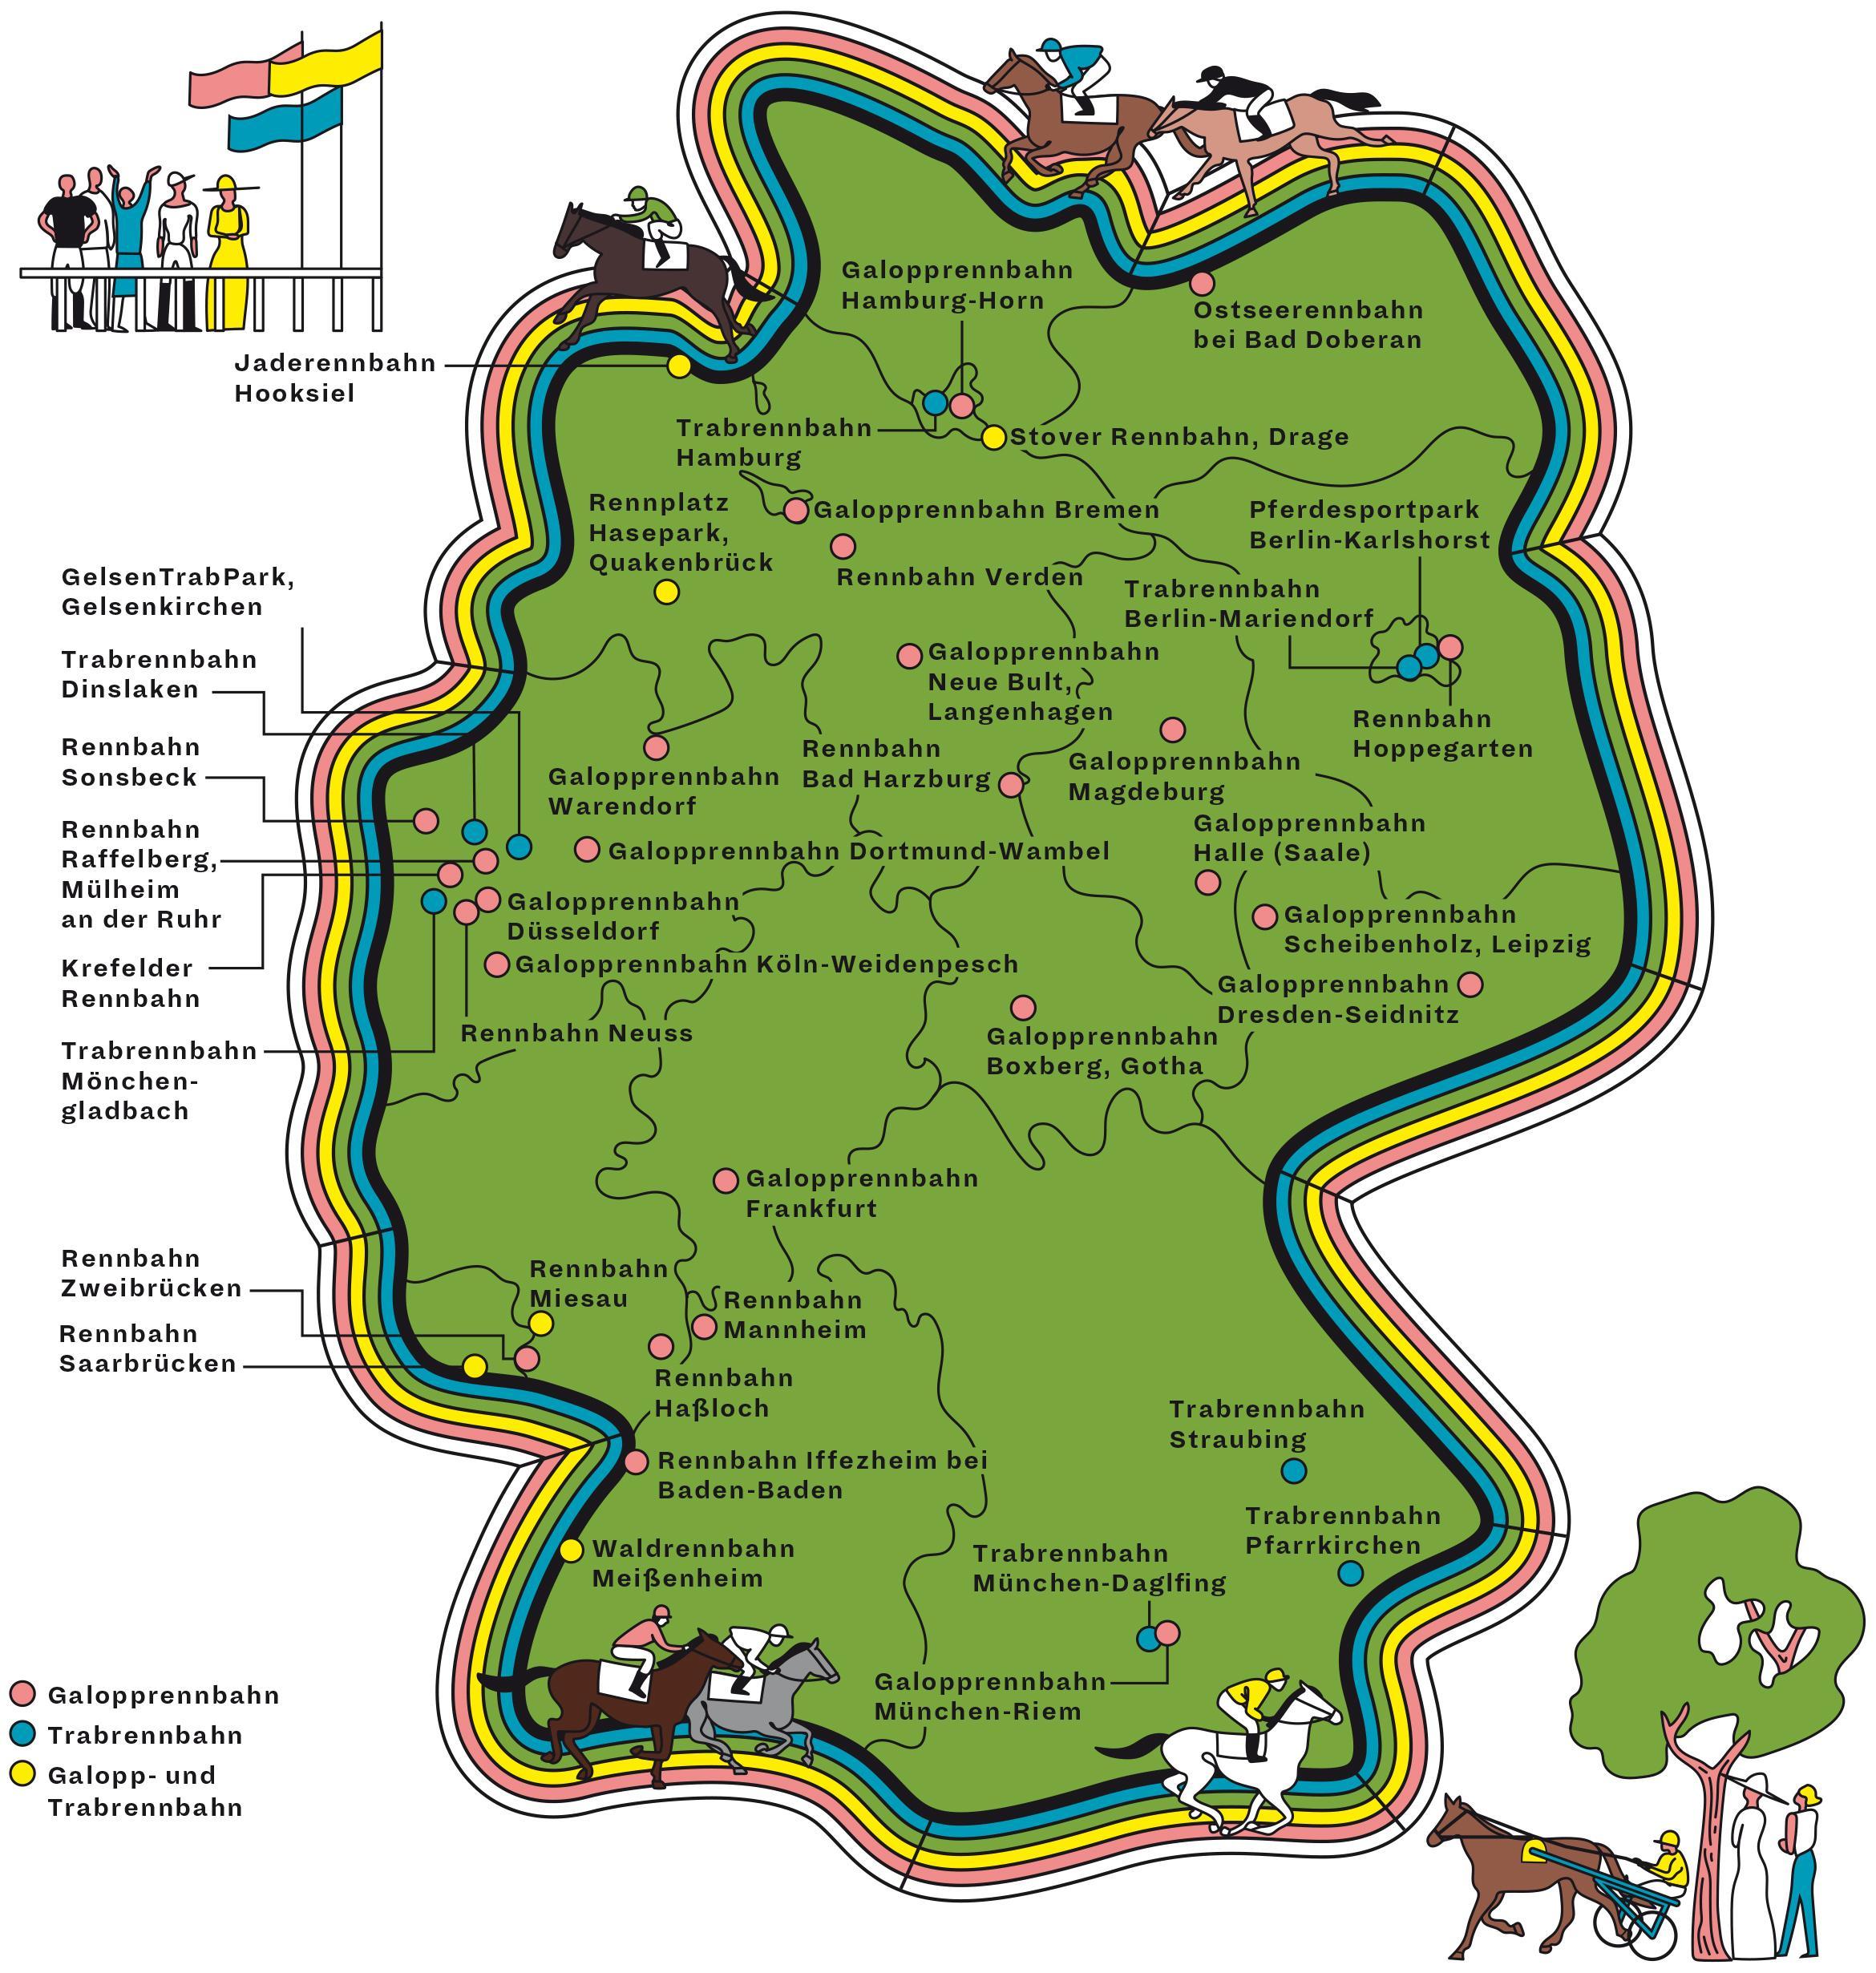 Pferderennbahn Berlin